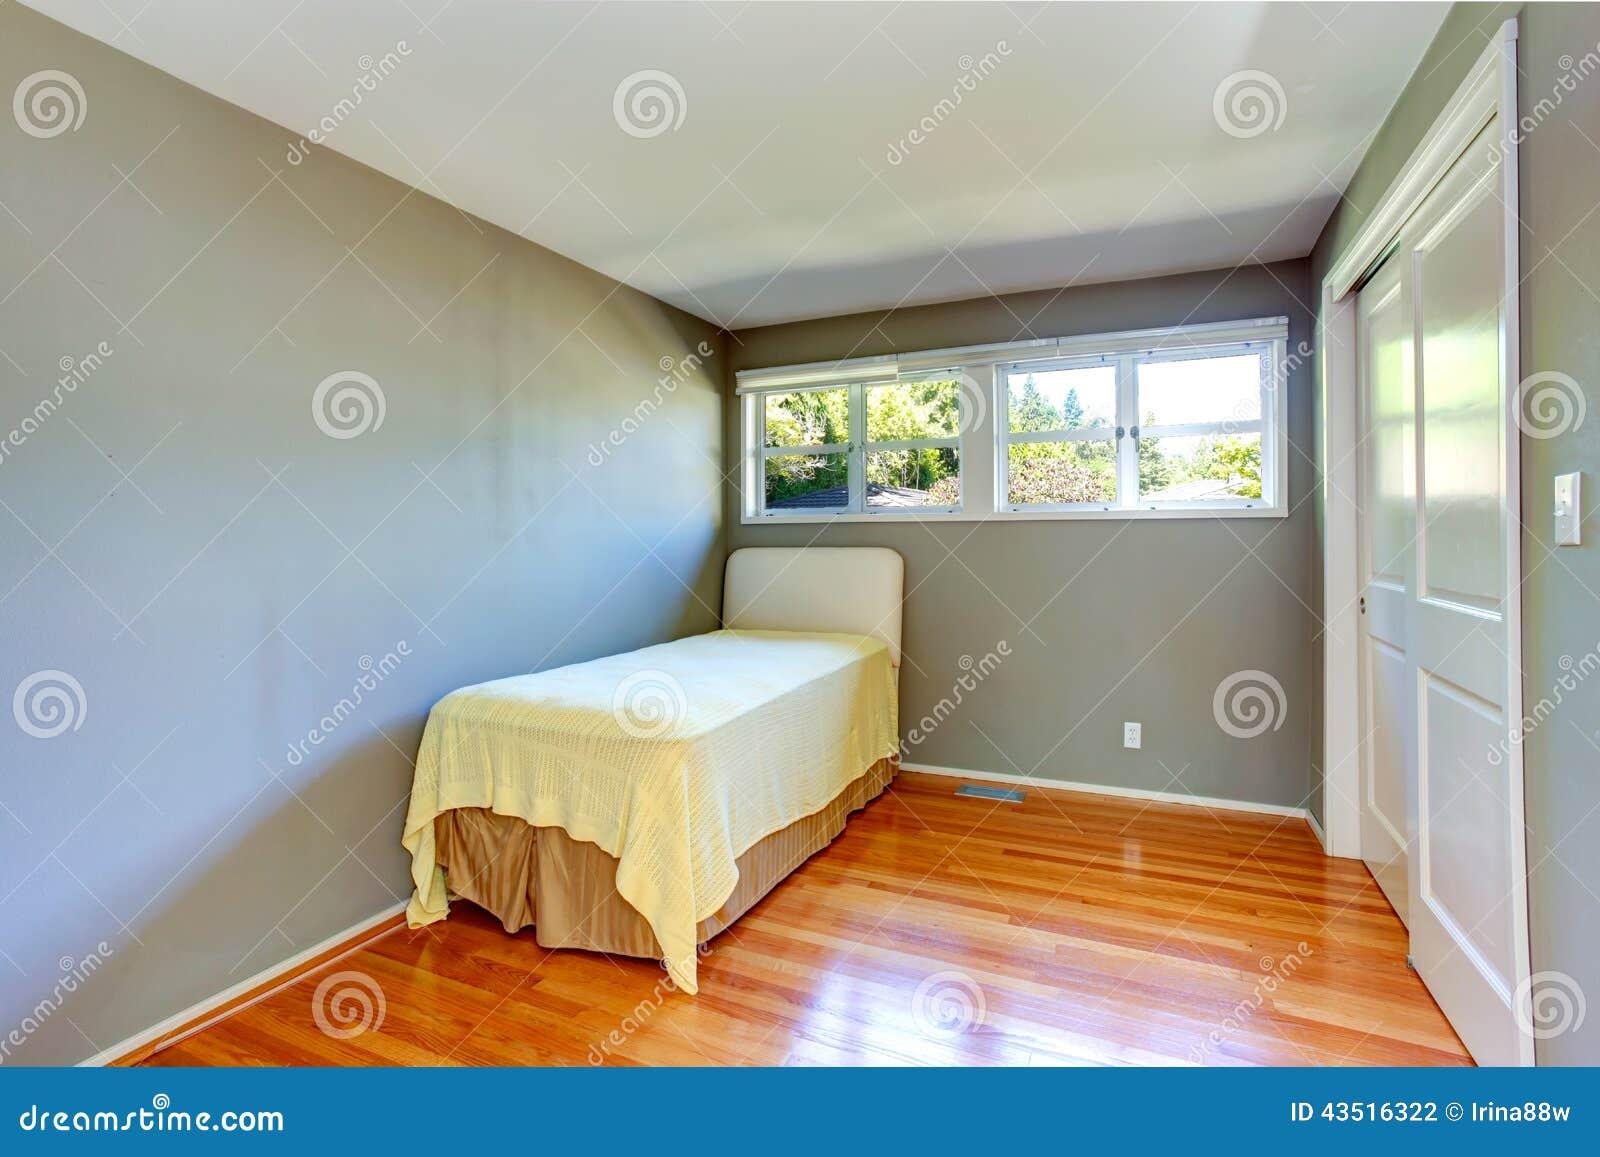 Slaapkamer Interieur Grijs : Leeg huisbinnenland grijze slaapkamer met eenpersoonsbed stock